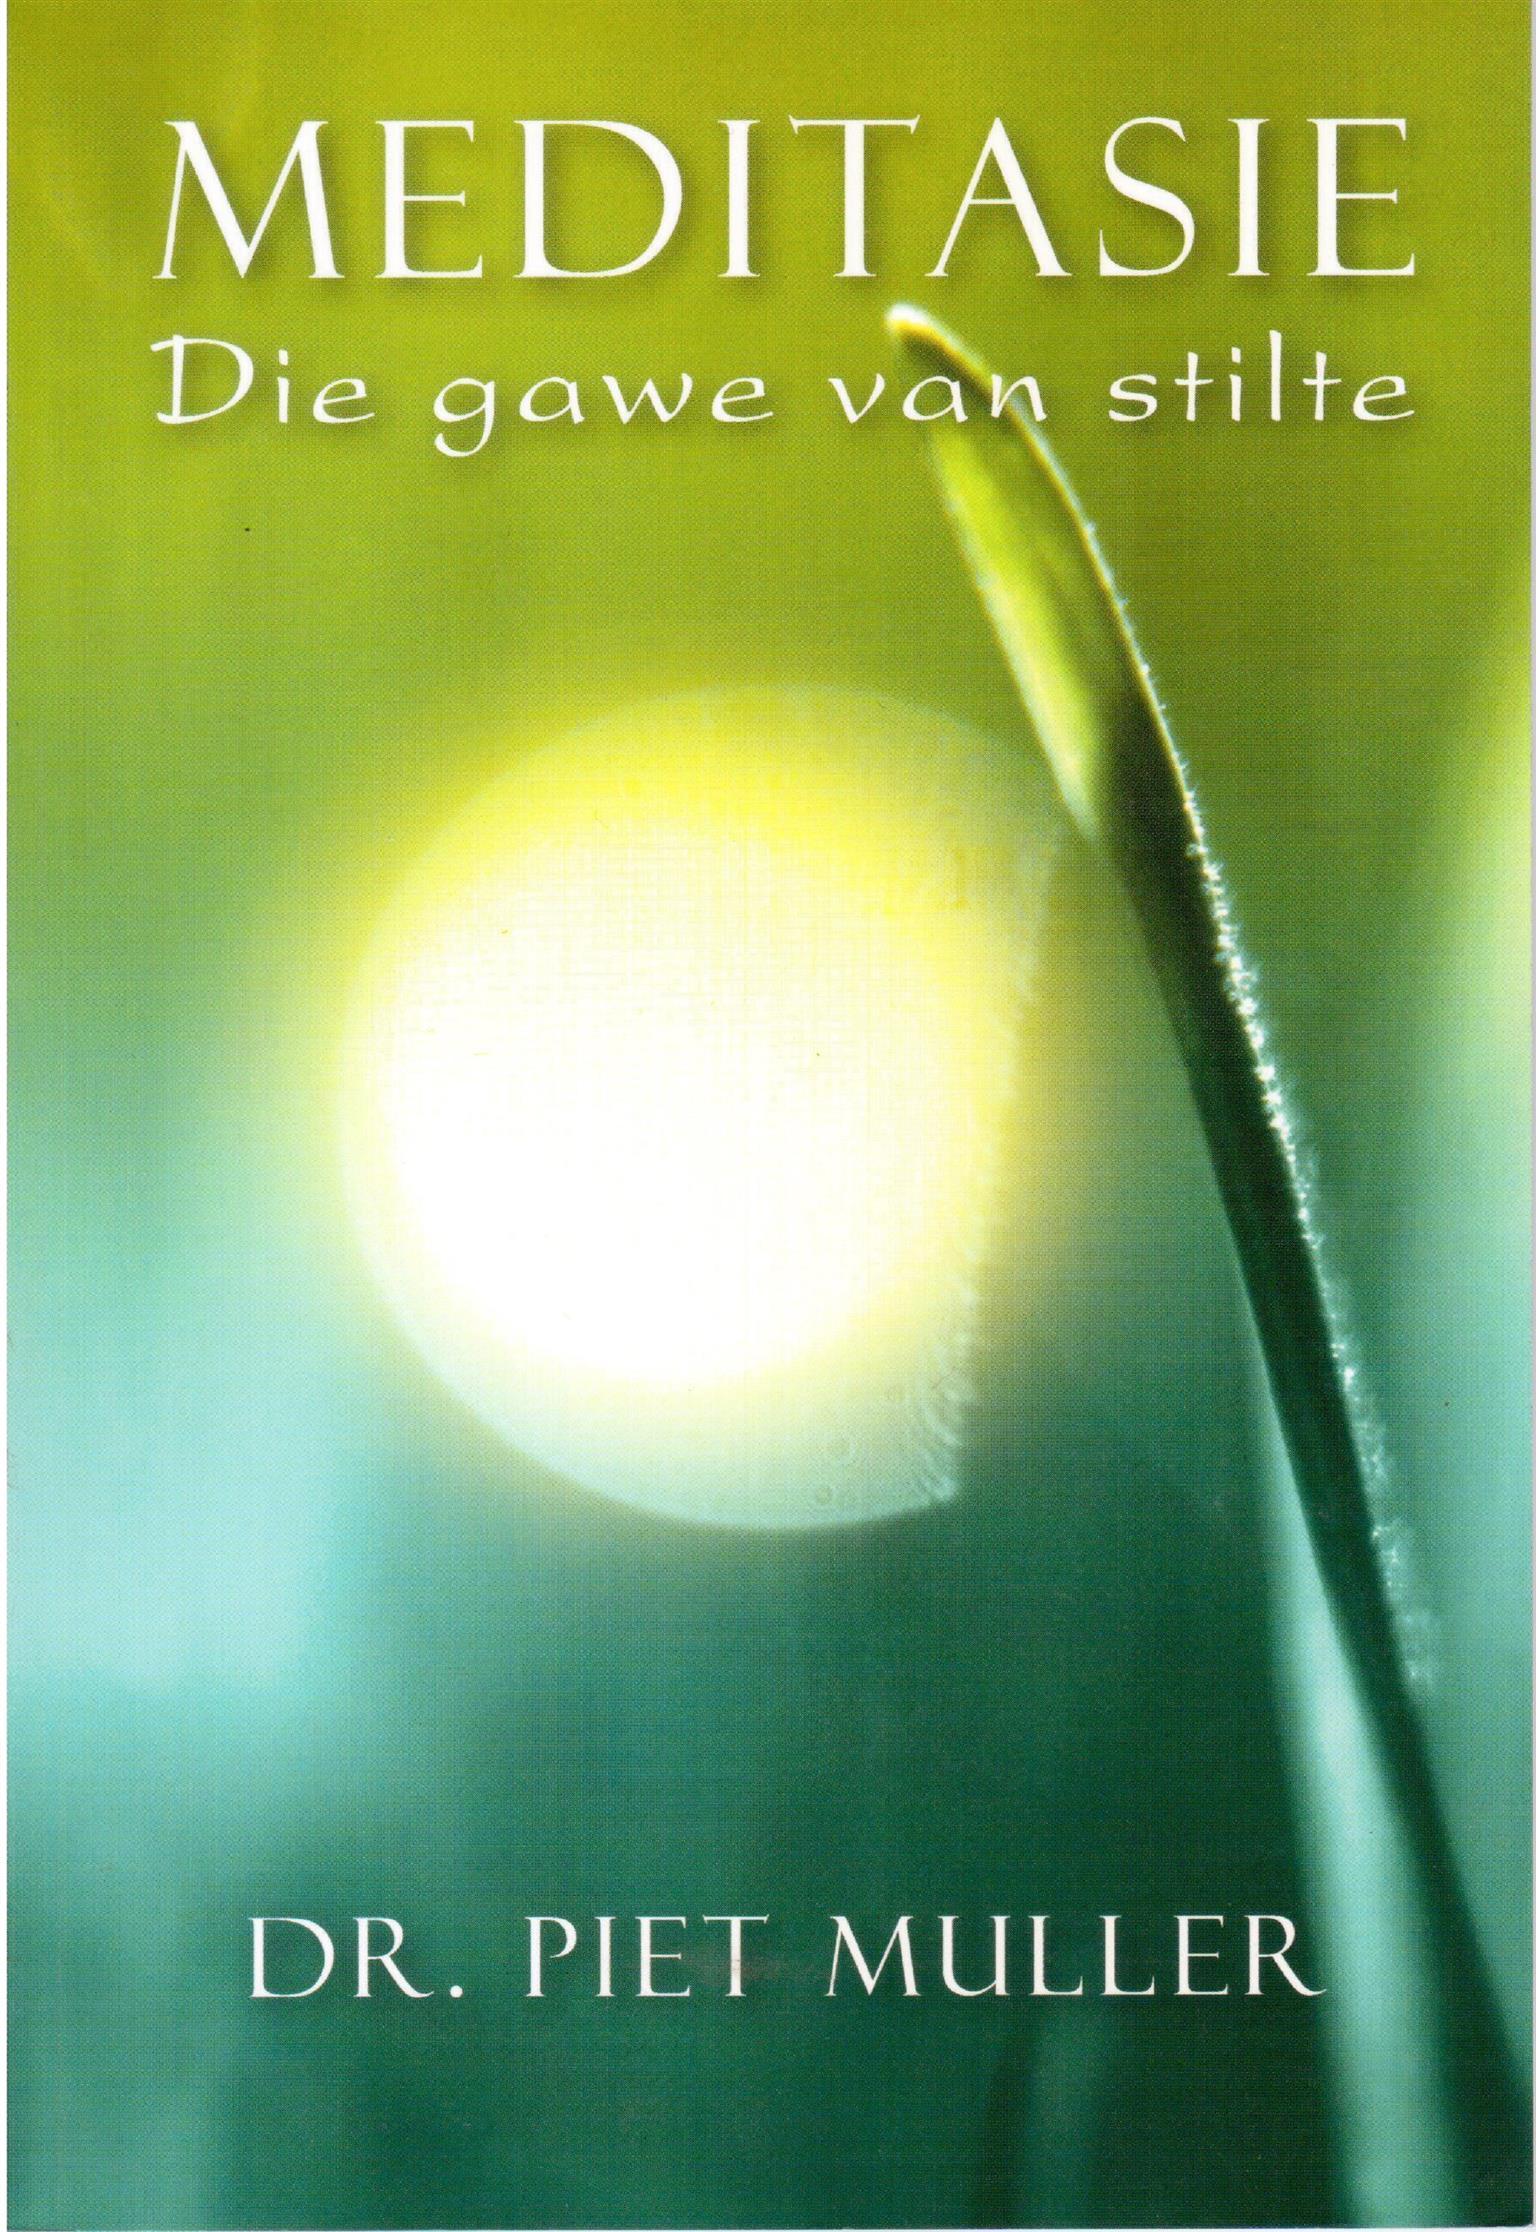 Meditasie & Sal ons nog droom as ons dood is? Dr P Muller